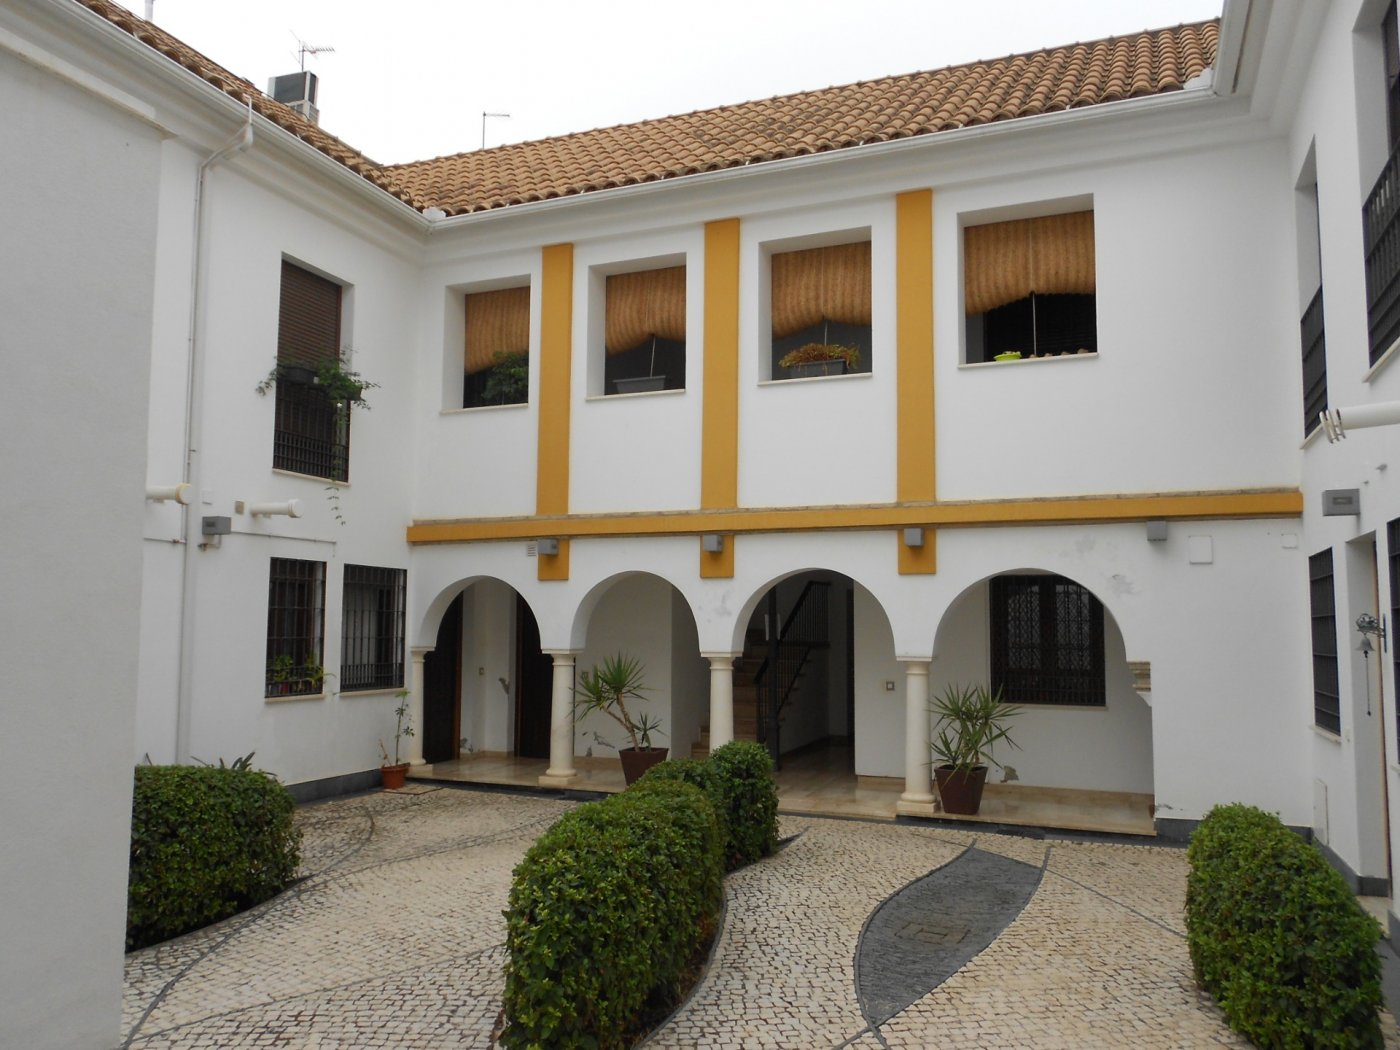 Casa adosada entre ollerÍas y san agustÍn - imagenInmueble0